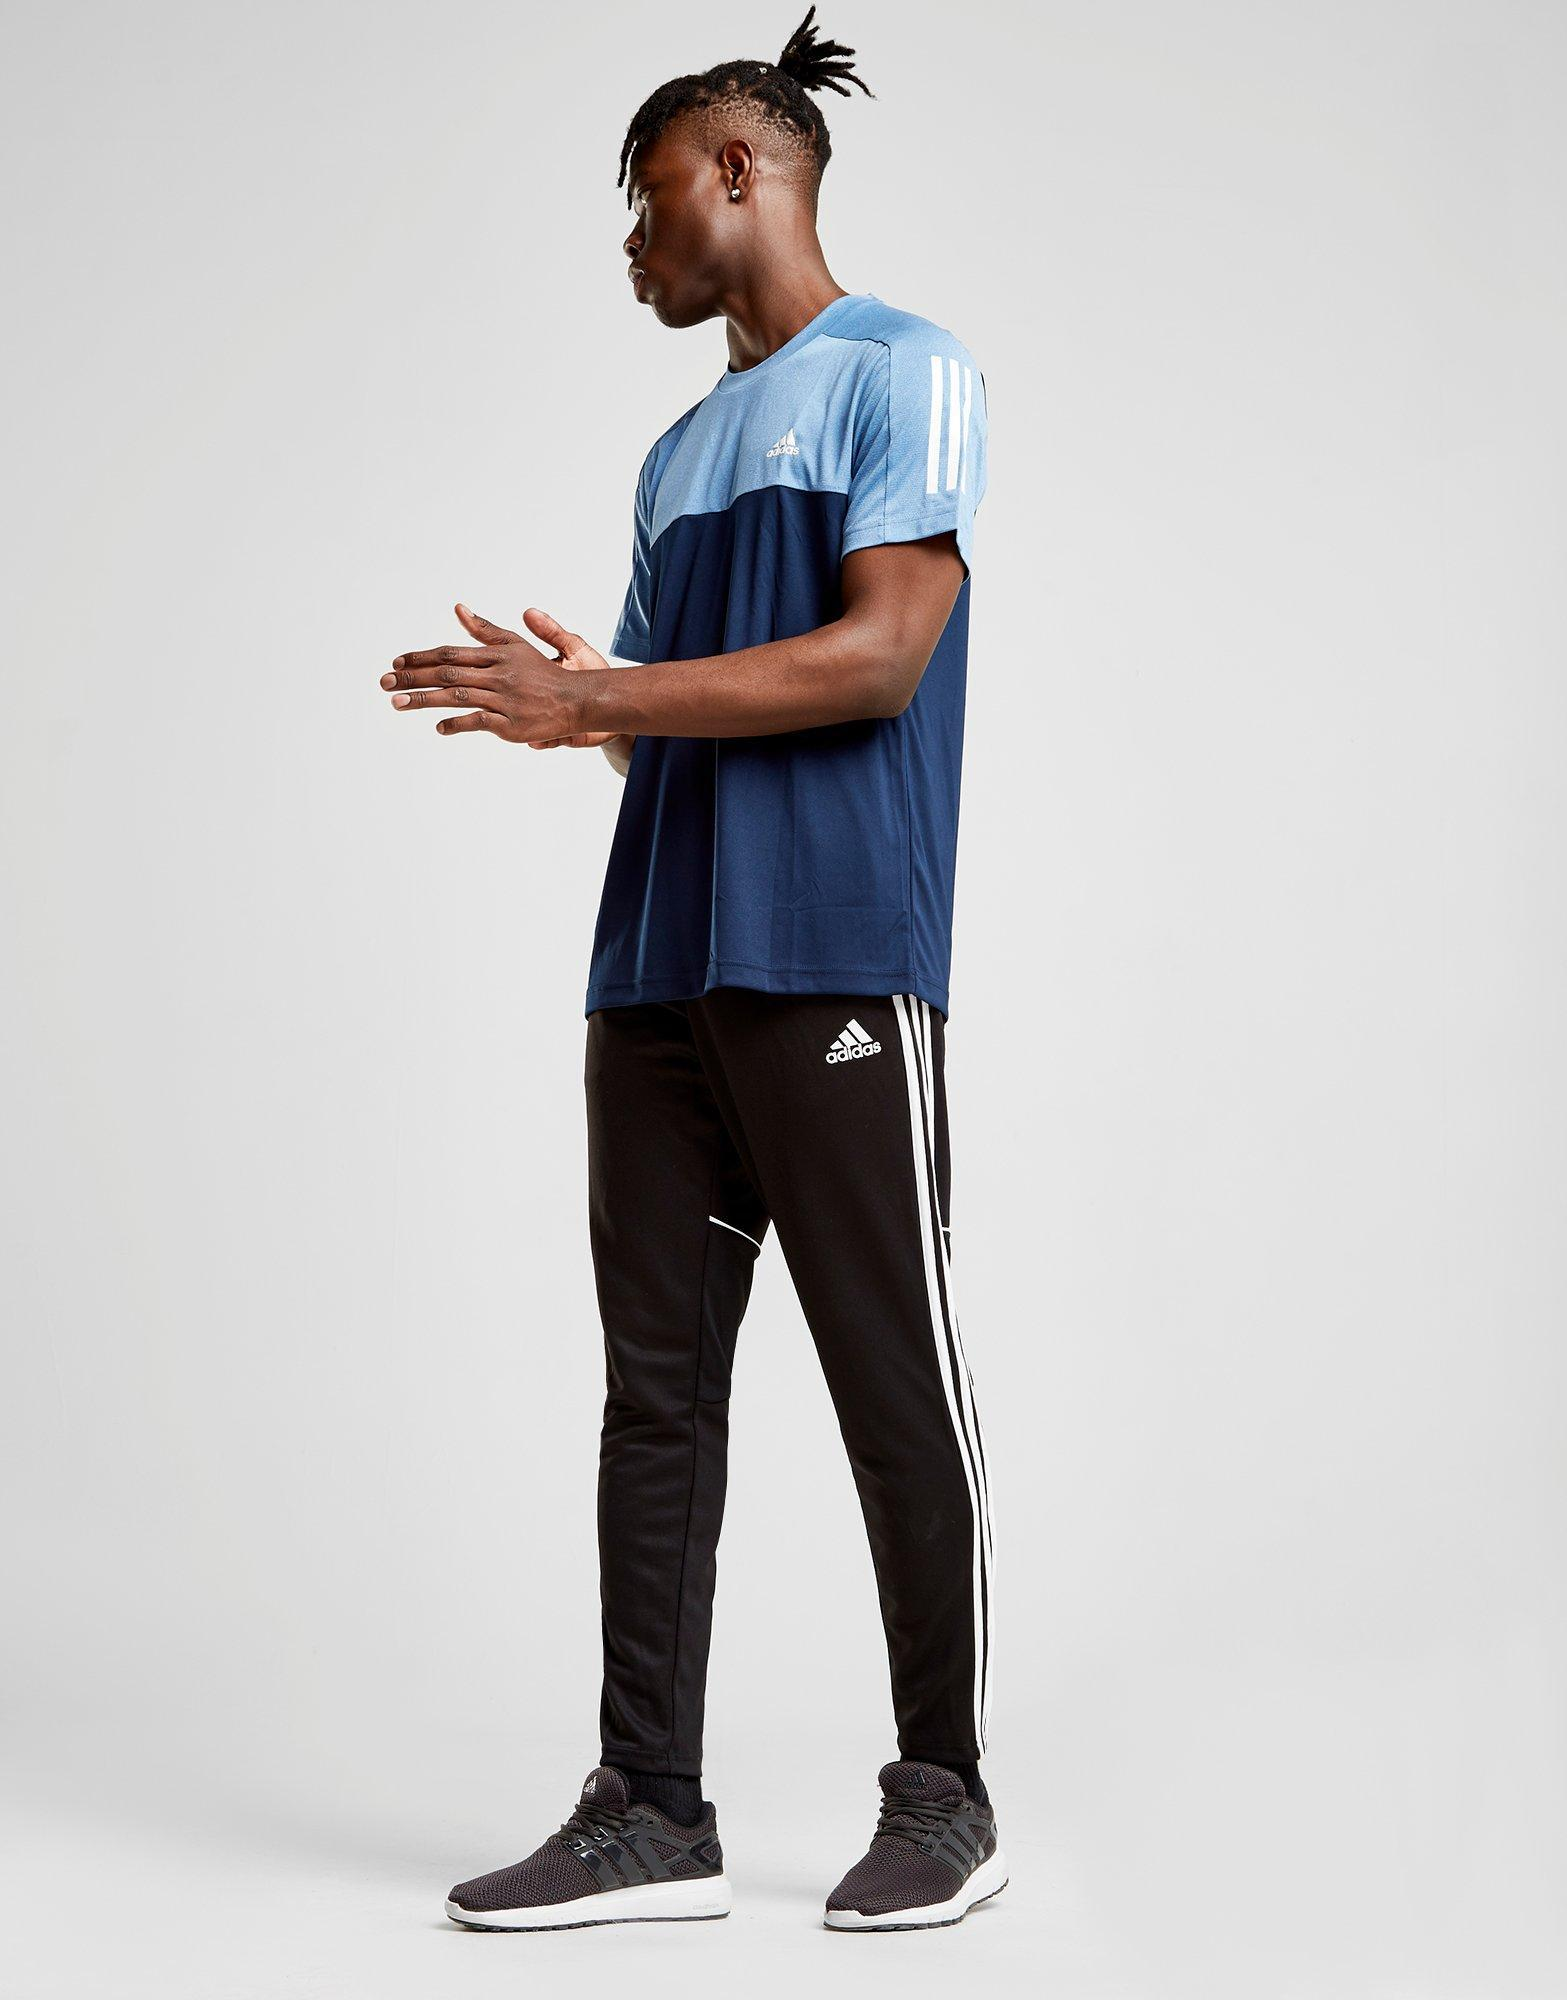 Lyst adidas tango pantaloni della tuta nera uomini per salvare il 7% uomini nera 20893d